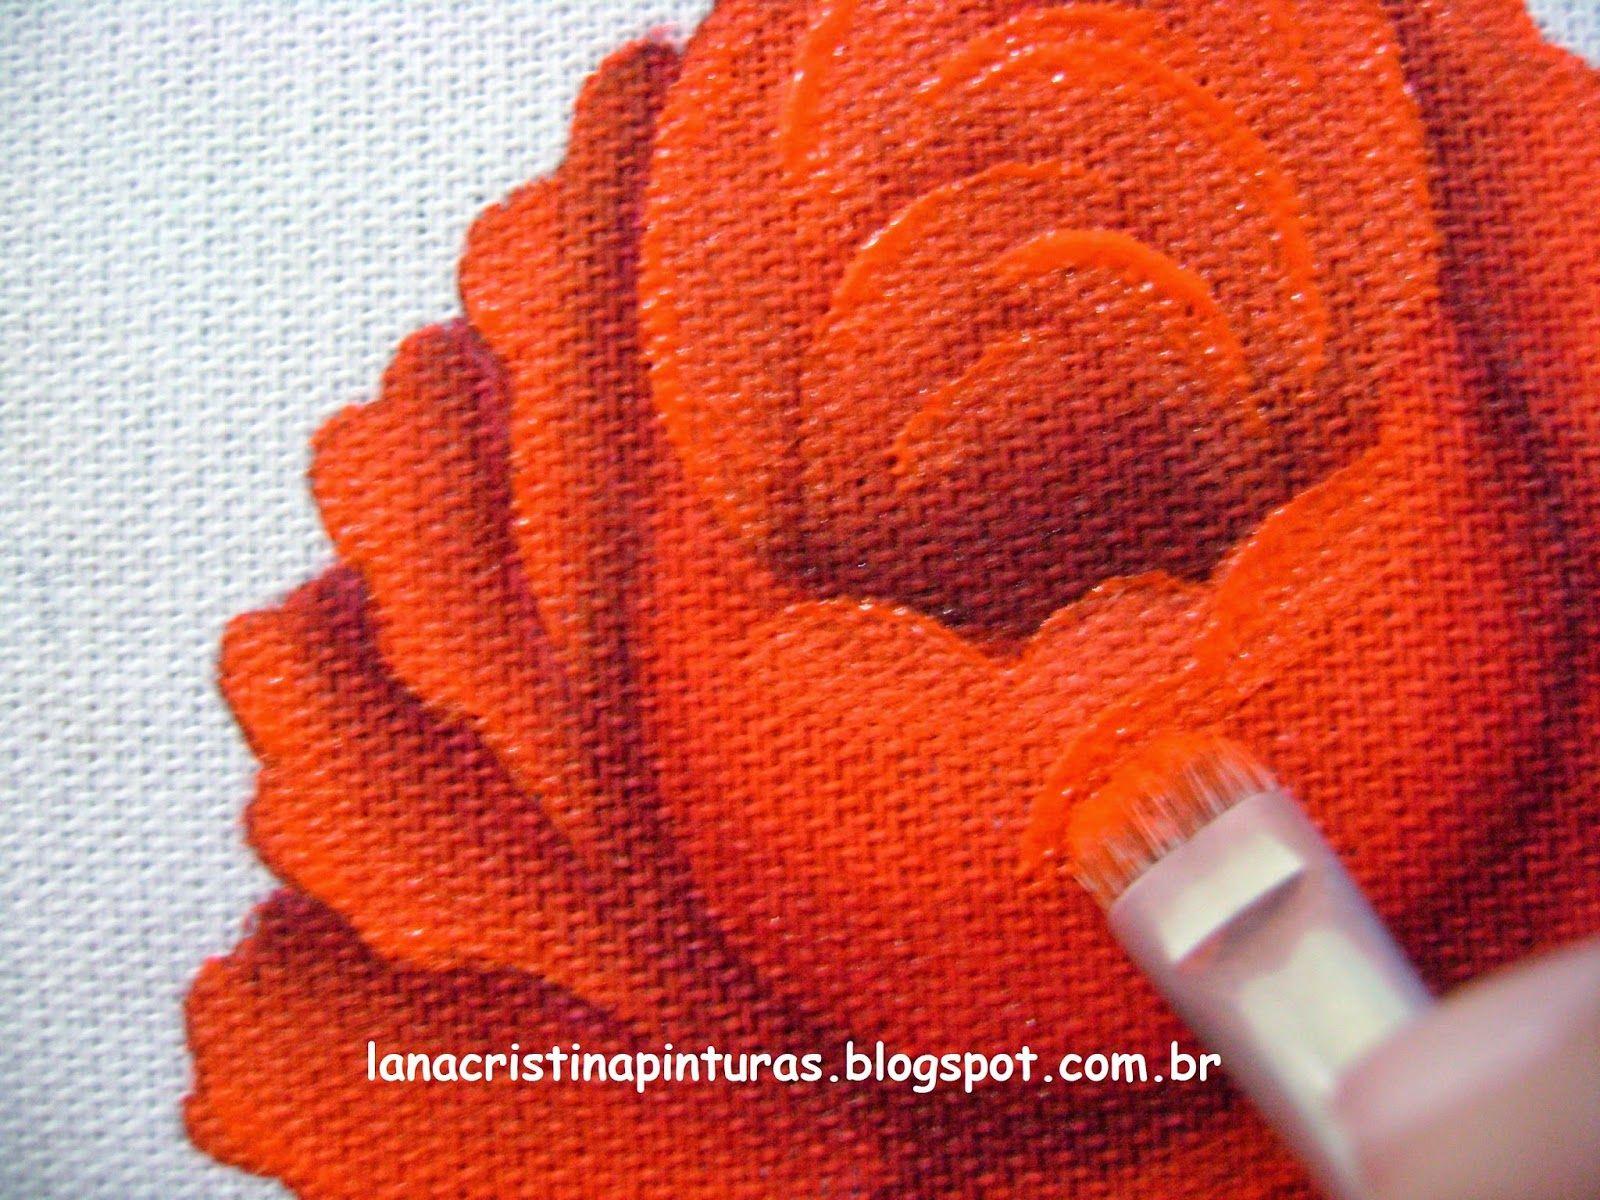 Pintura em Tecido e Artesanato: Pintando Rosa Vermelha